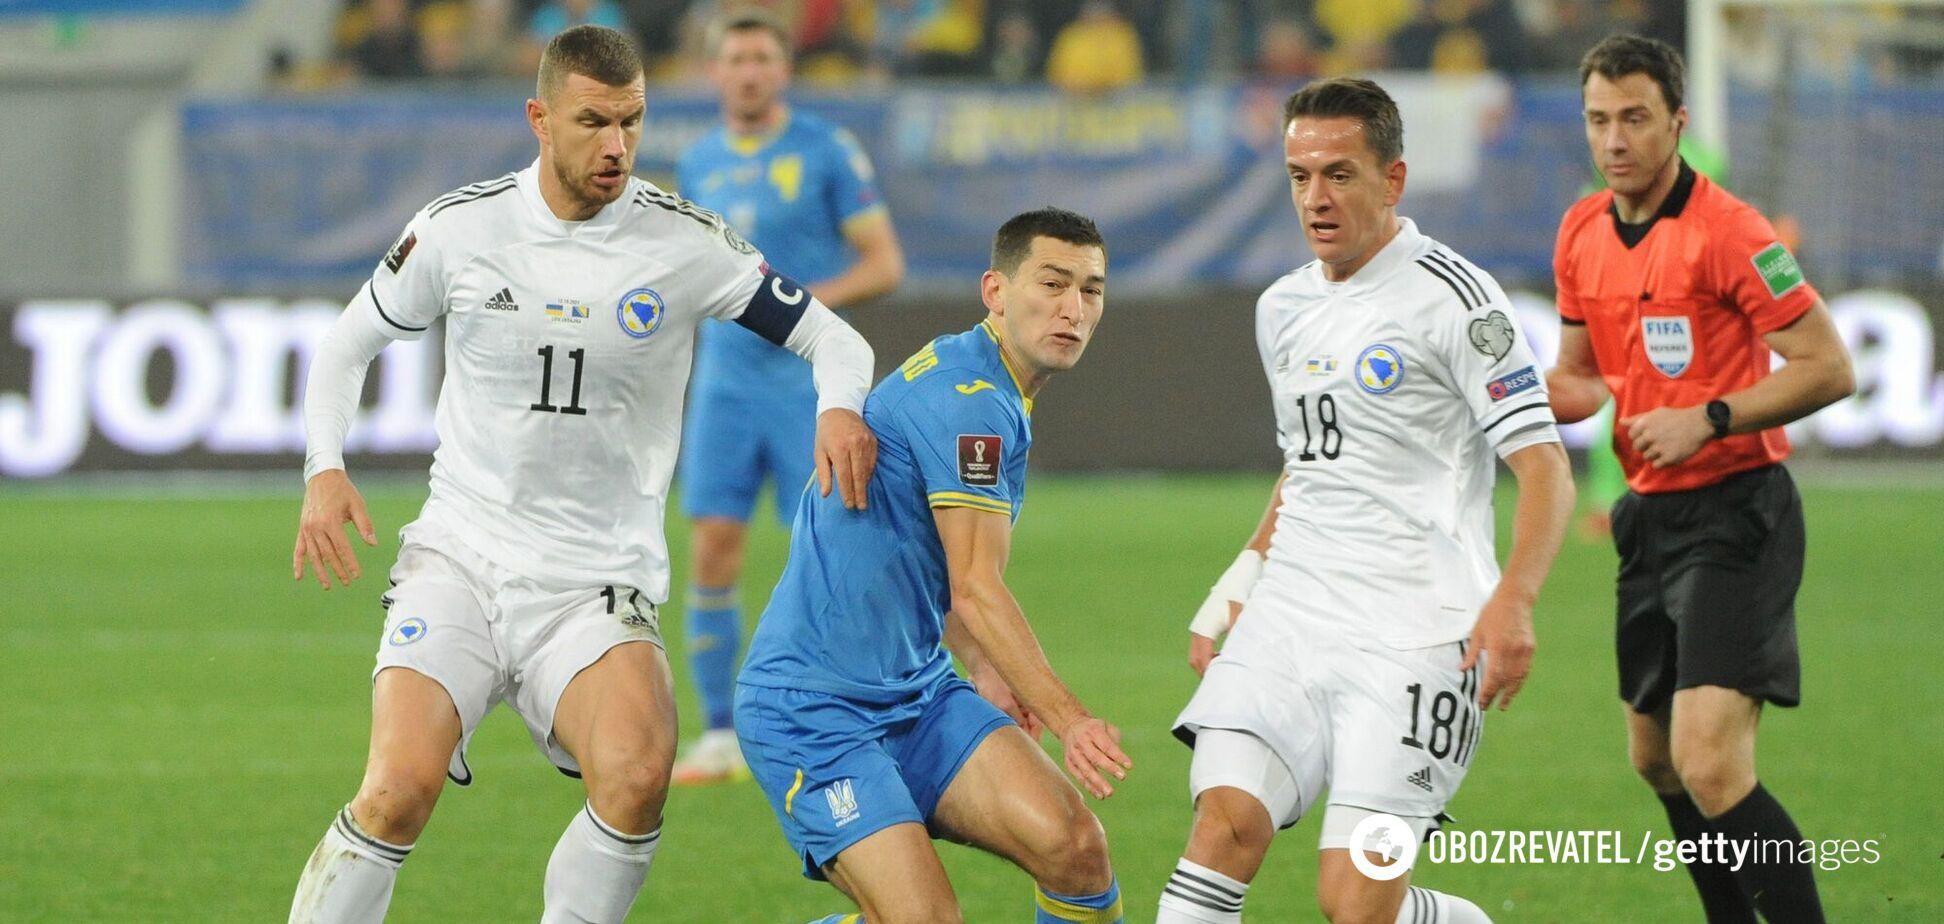 'Ми домінували над українцями після пропущеного гола': Едін Джеко – про матч відбору ЧС-2022